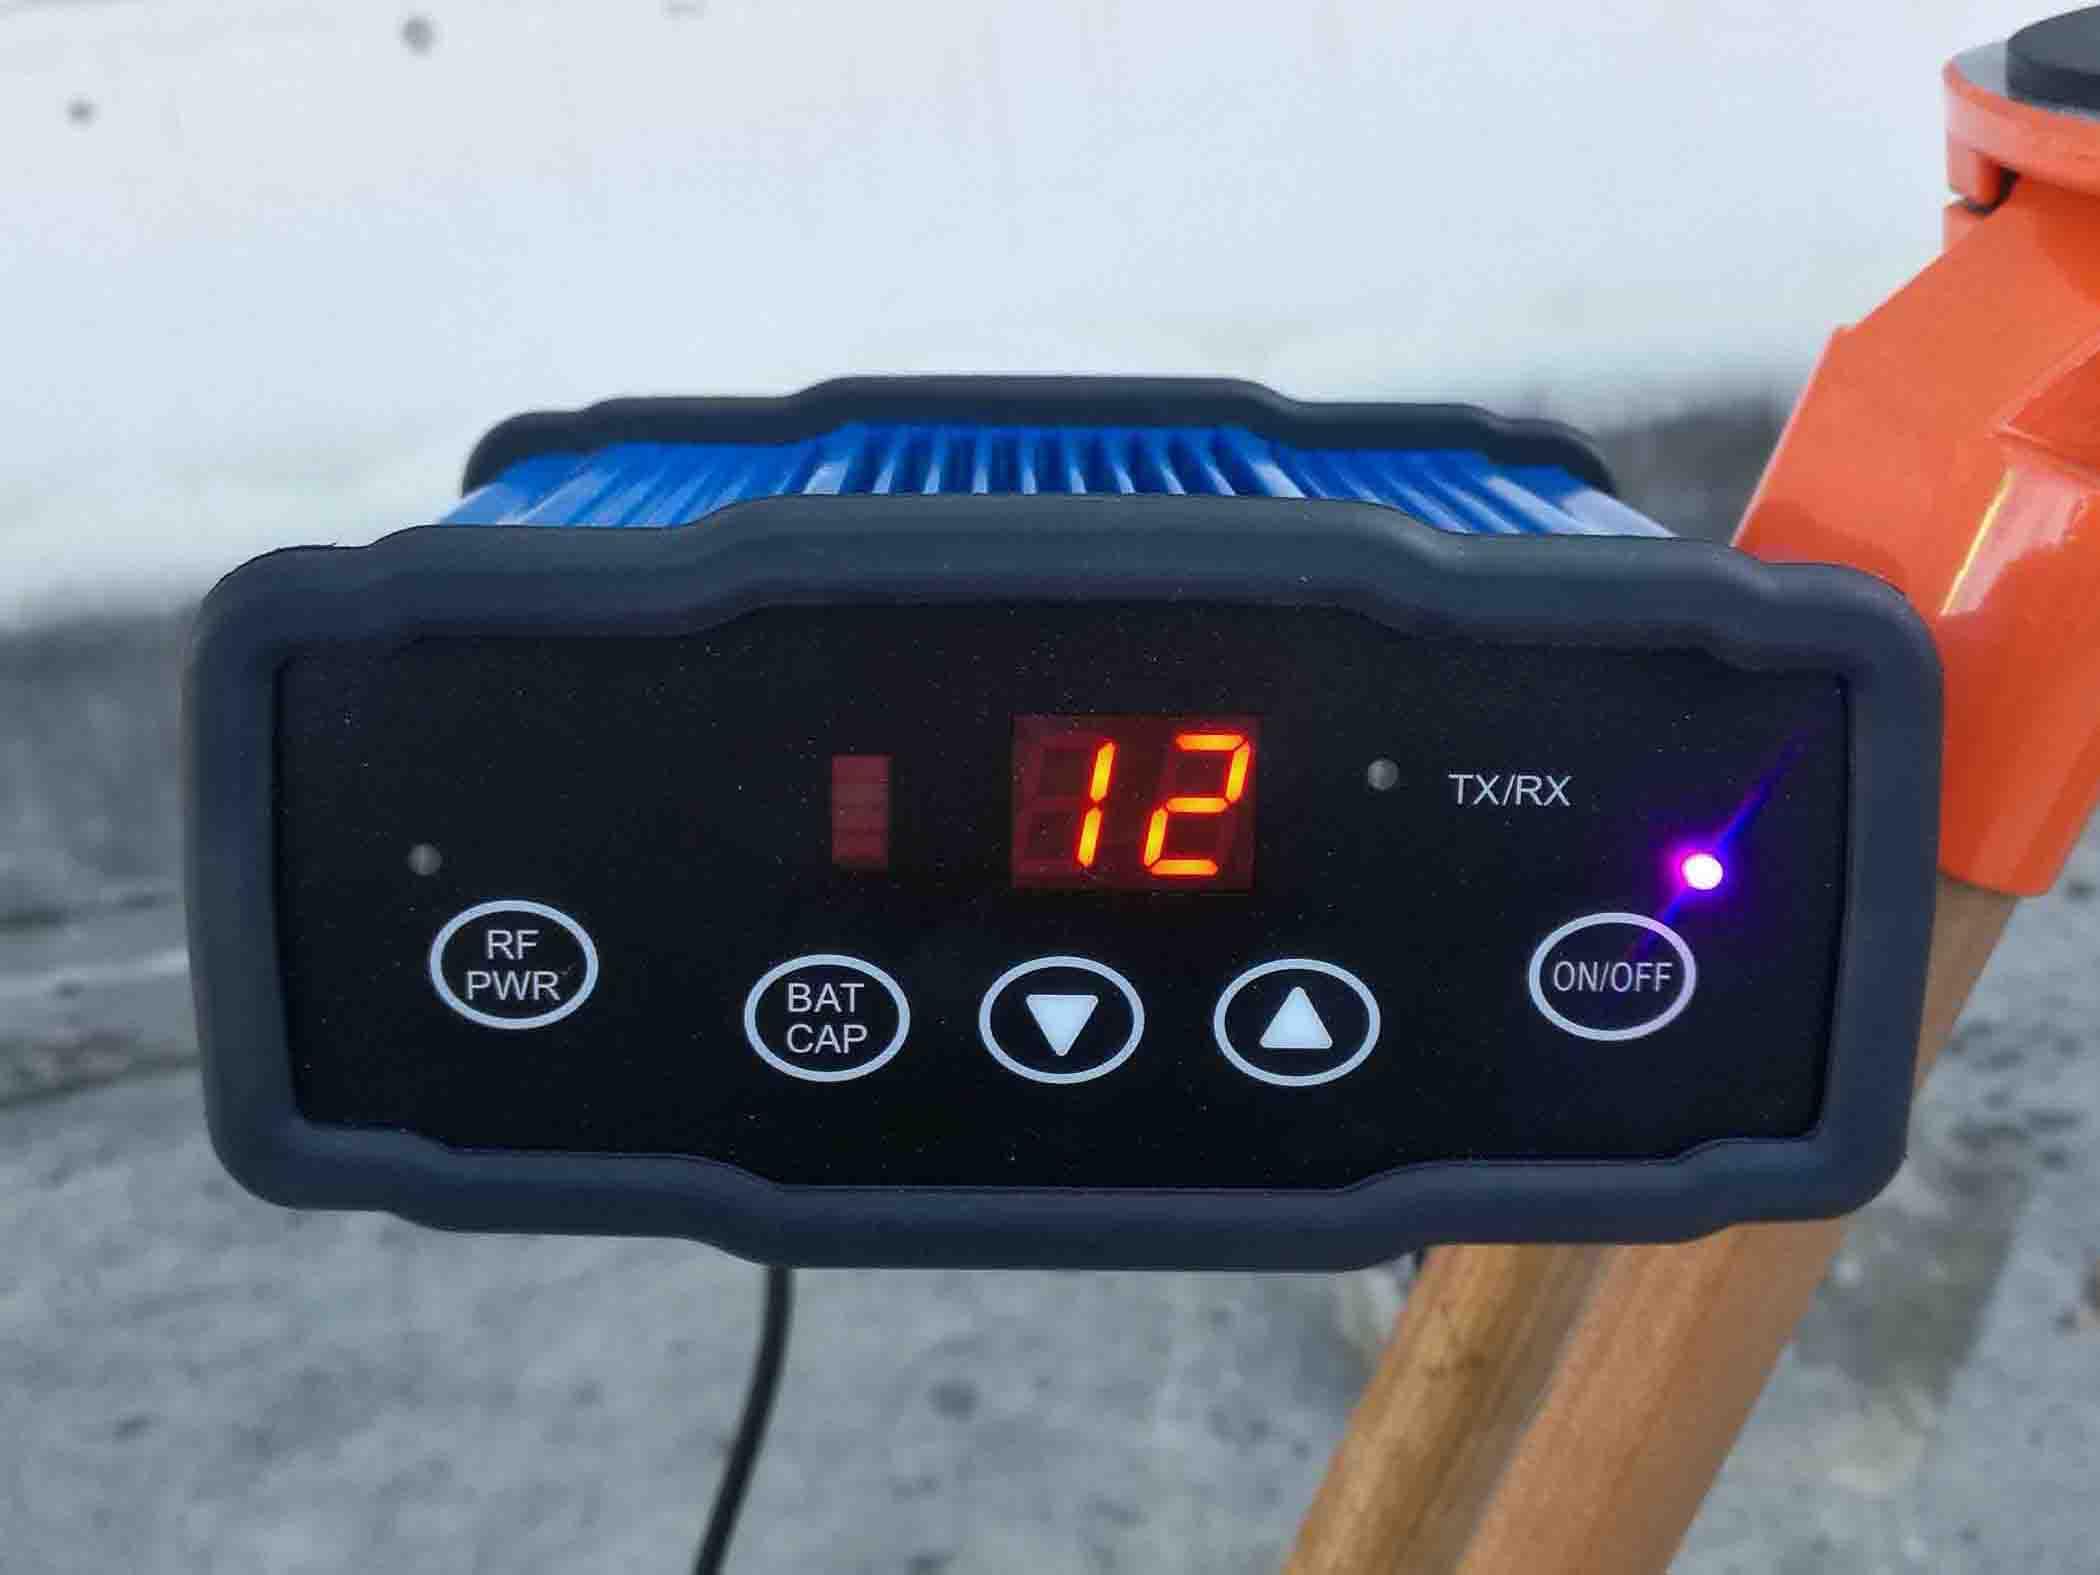 【图文解说】中海达RTK基站使用外挂电台如何设置固定解?